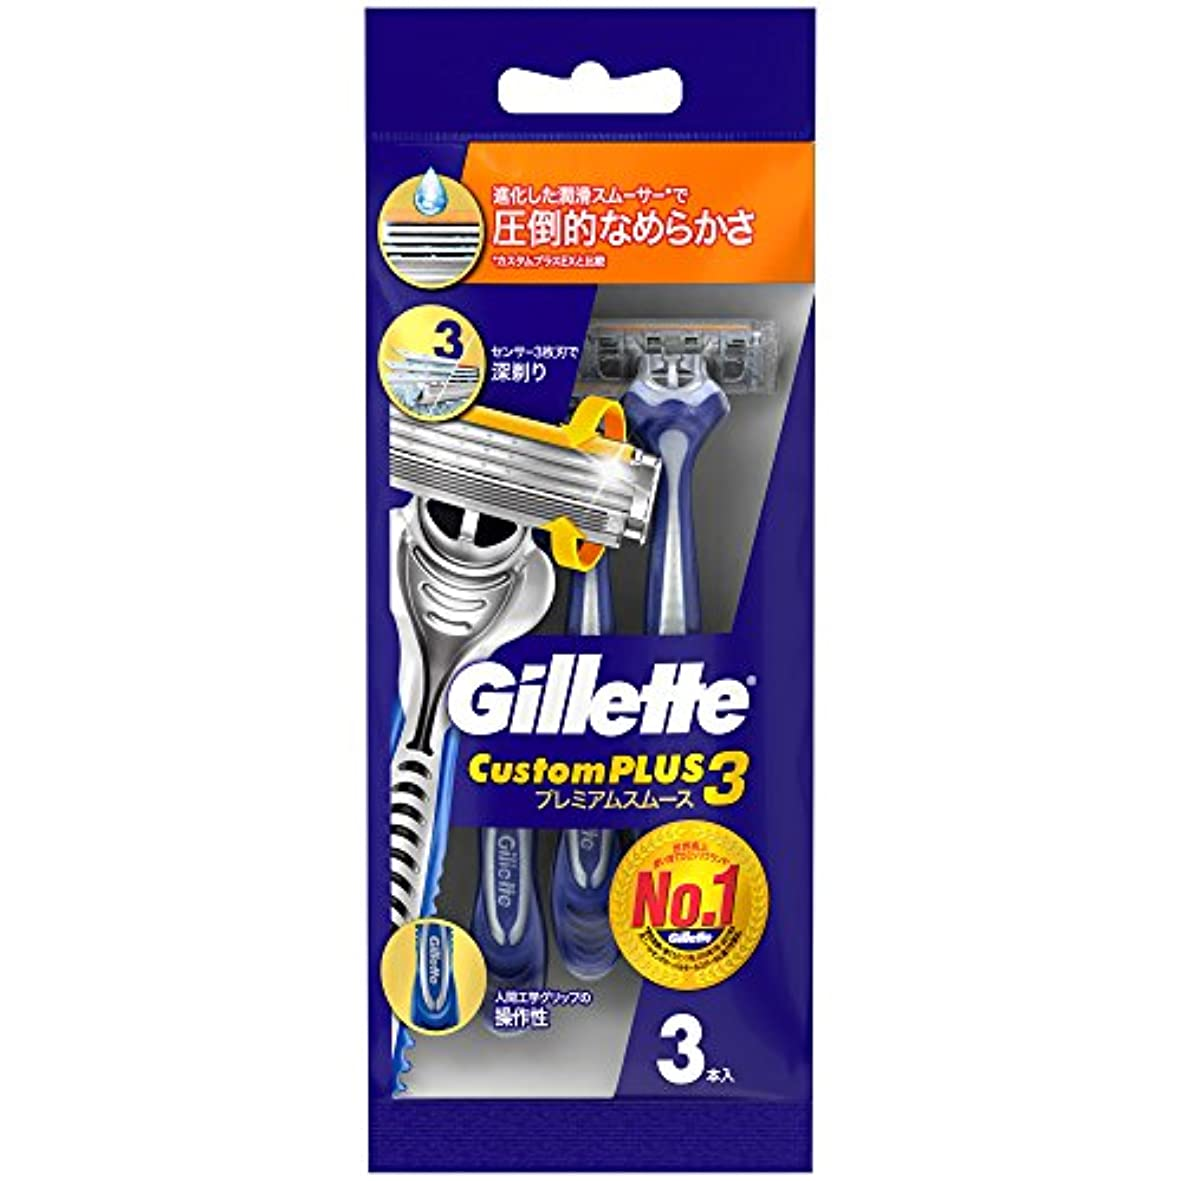 押す服を洗う担当者ジレット カスタムプラス3 髭剃り プレミアムスムース CP3-PS3 3本入